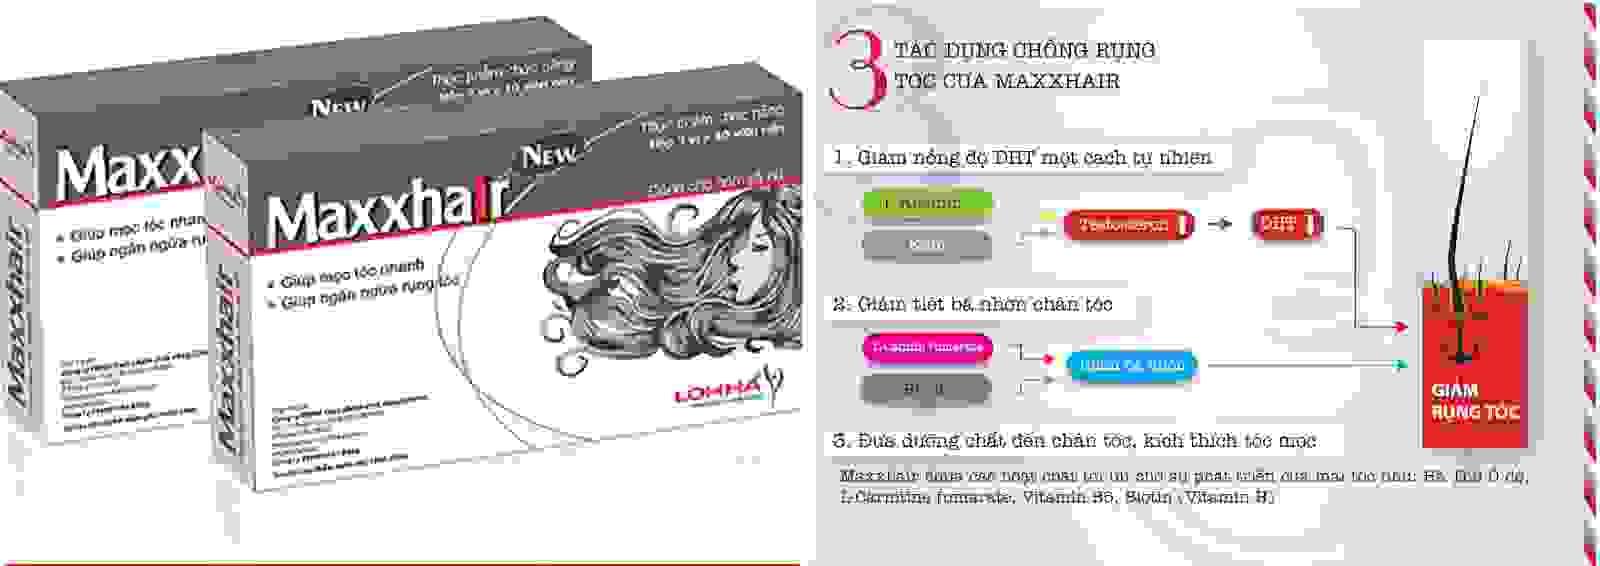 Một số biện pháp trị rụng tóc khác 1